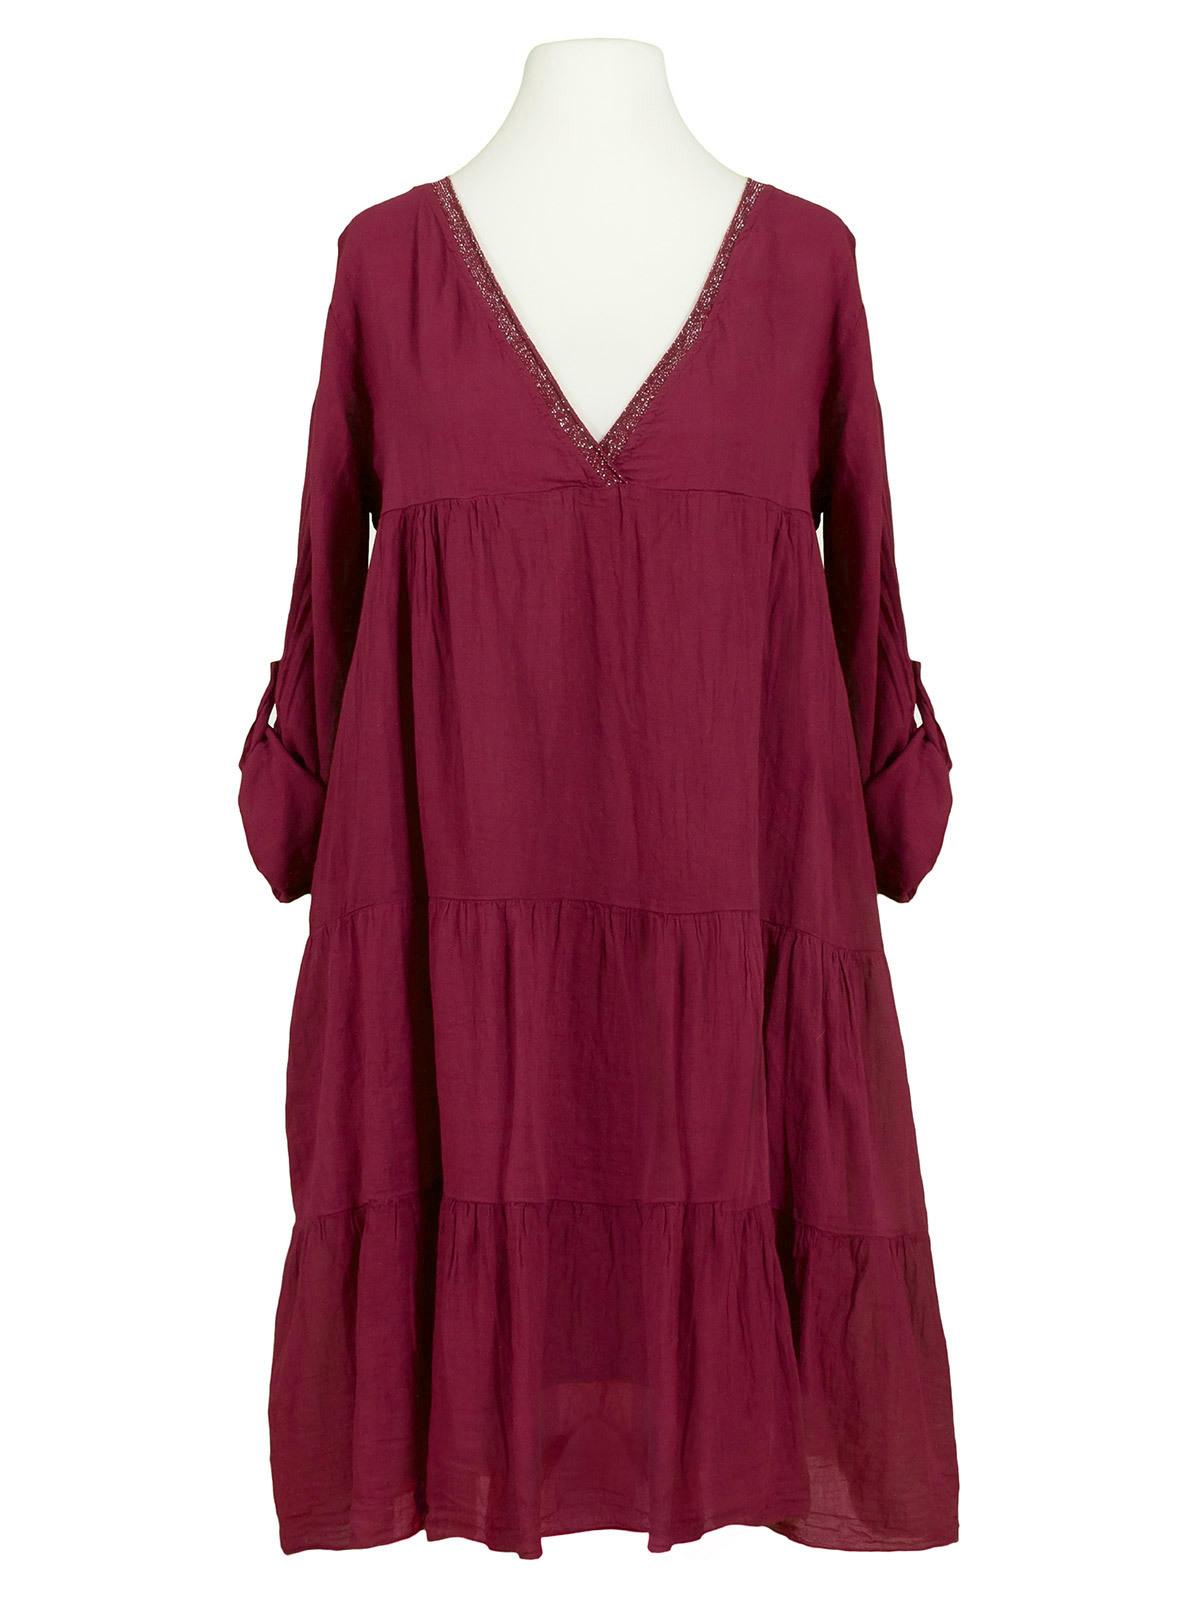 15 Cool Kleid Spitze Bordeaux Design - Abendkleid